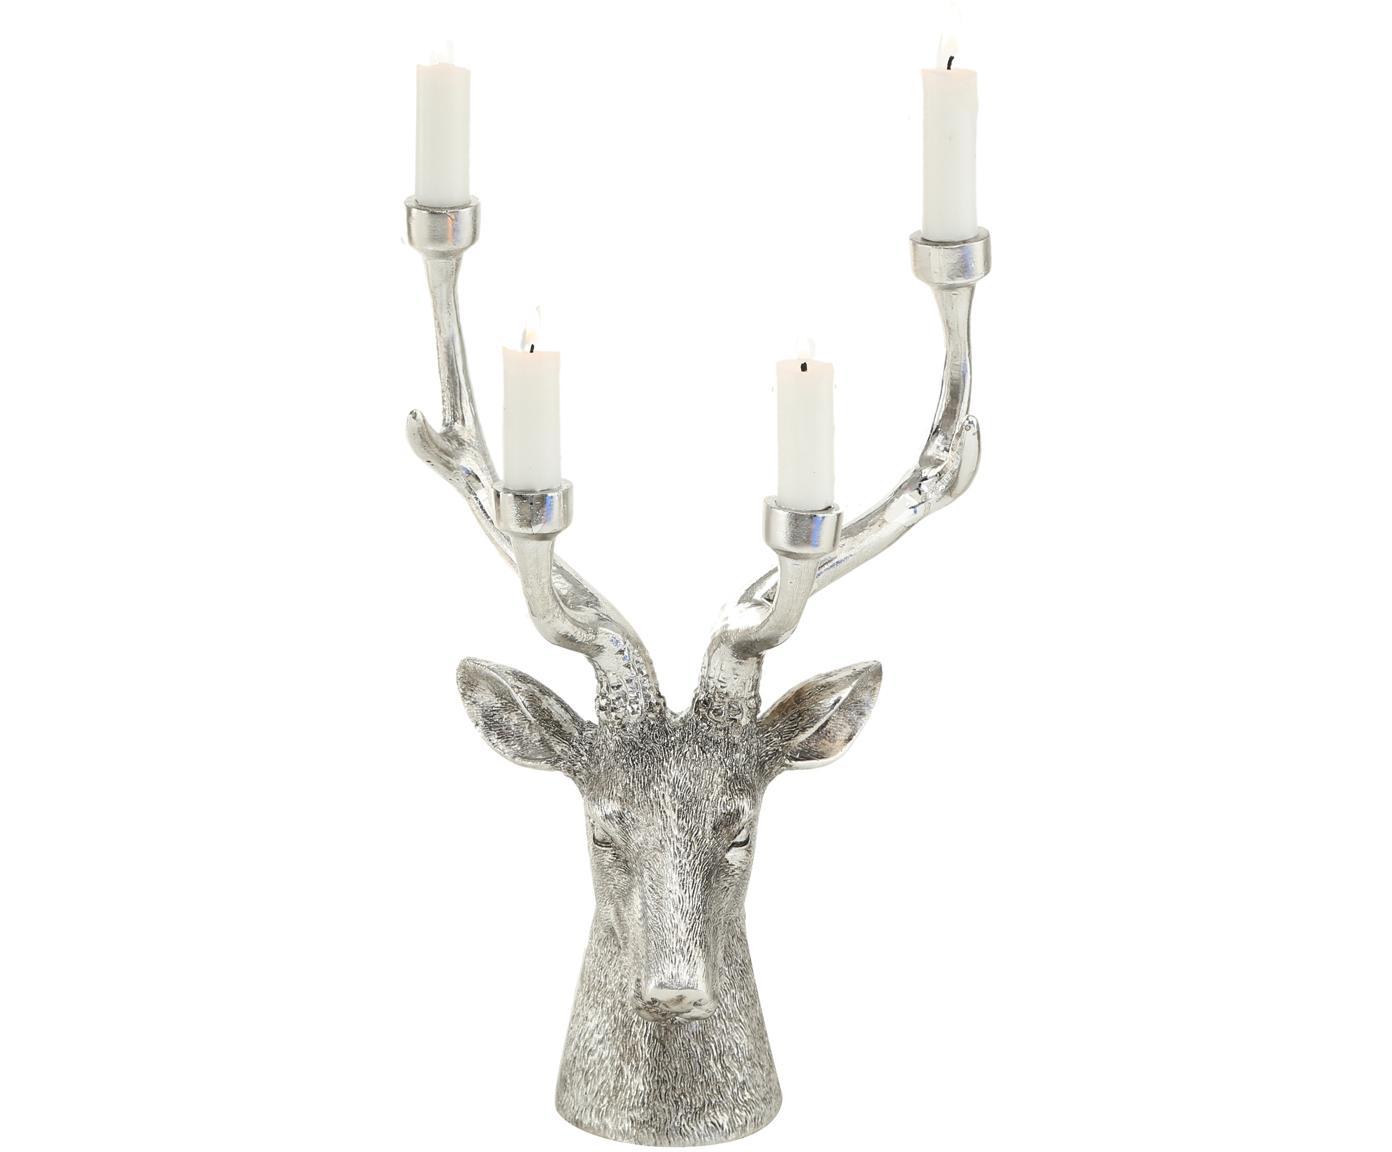 Świecznik Lobo, Żywica syntetyczna, Odcienie srebrnego, S 27 x W 33 cm